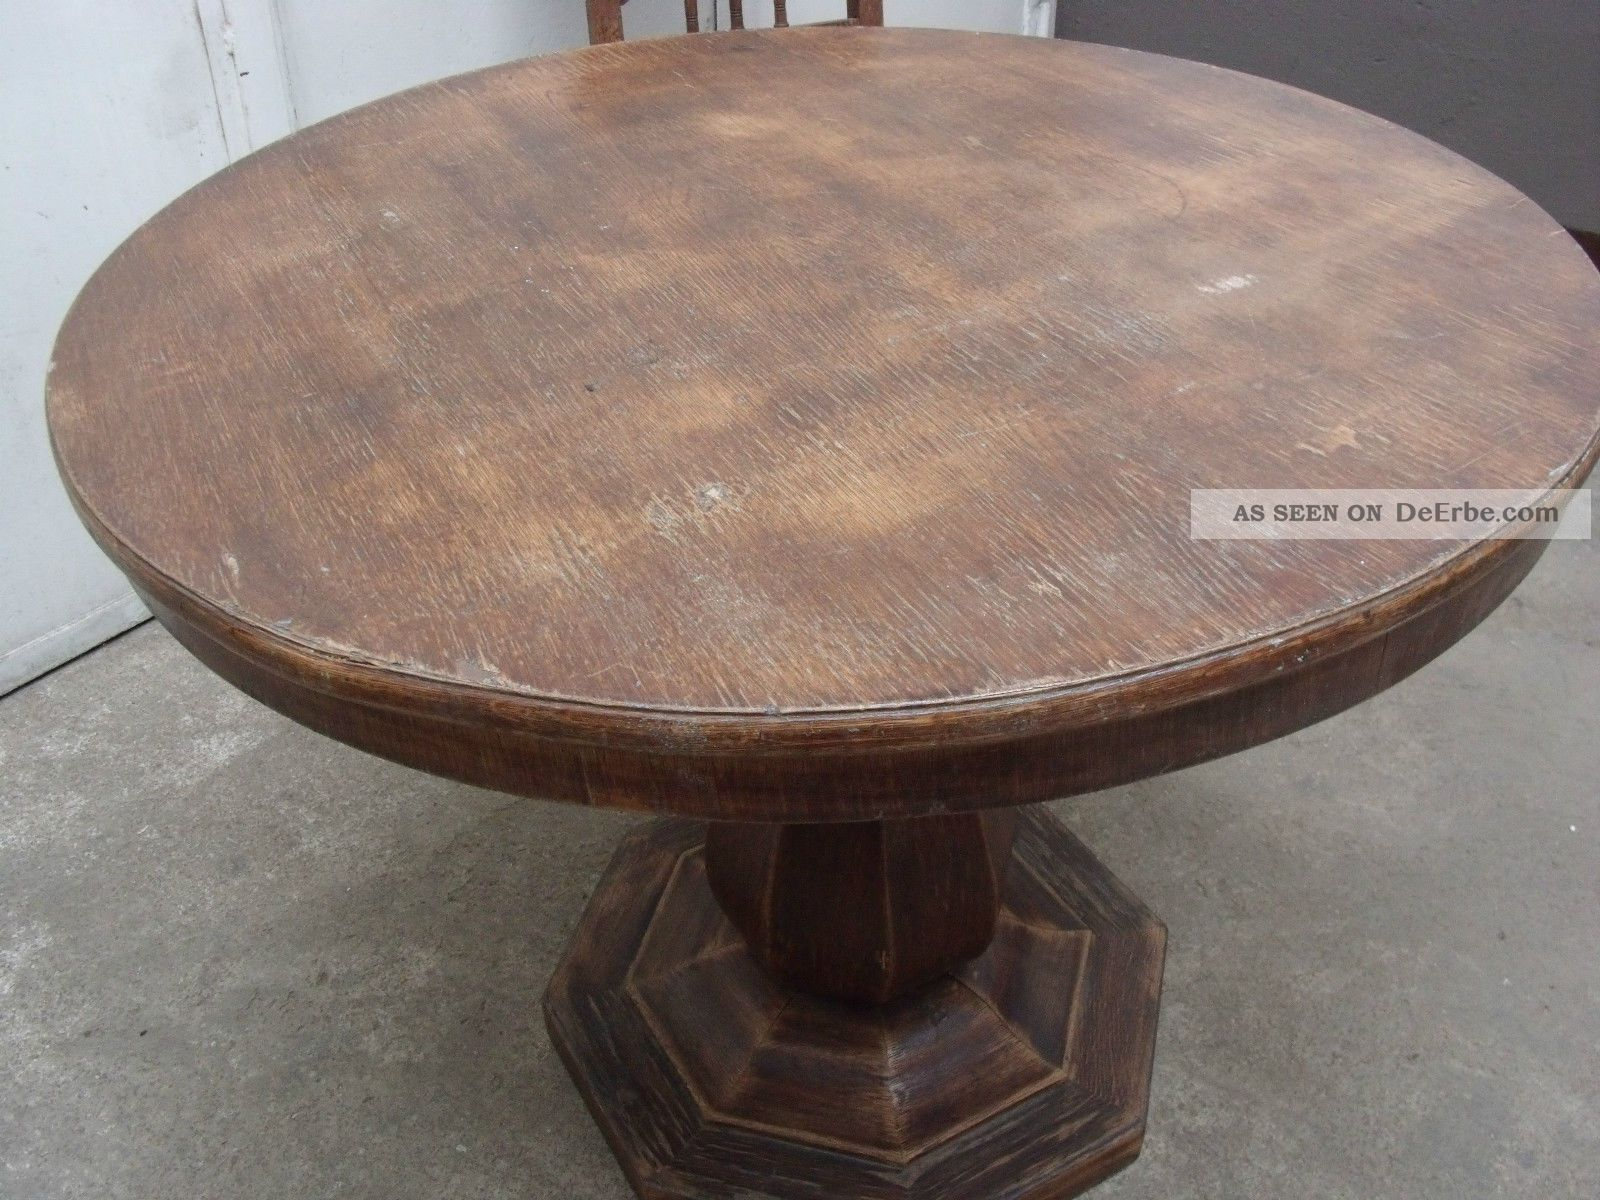 Antiker Esstisch Klein ~ Schöner Kleiner Antiker Tisch Alter Kneipentisch Als Esstisch Zum Restaurieren